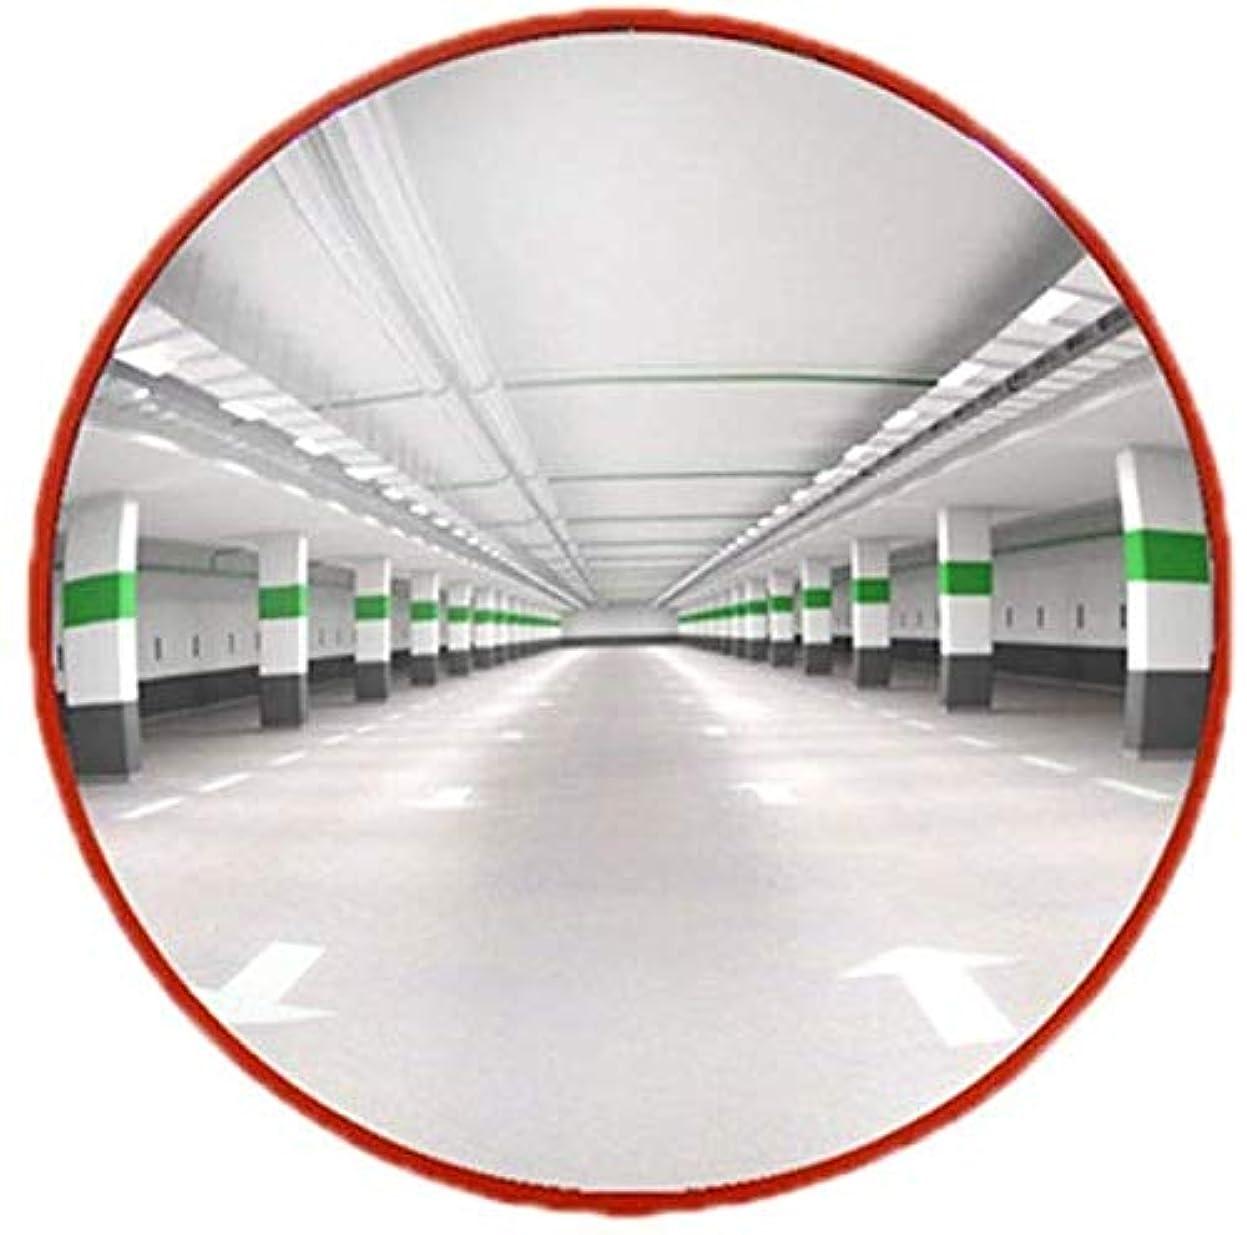 無しライドスペース赤/黒のレストランの盗難防止ミラー、屋内屋外安全ミラーに適した変形していないPC凸面ミラー直径:30?80CM(色:赤、サイズ:60CM)